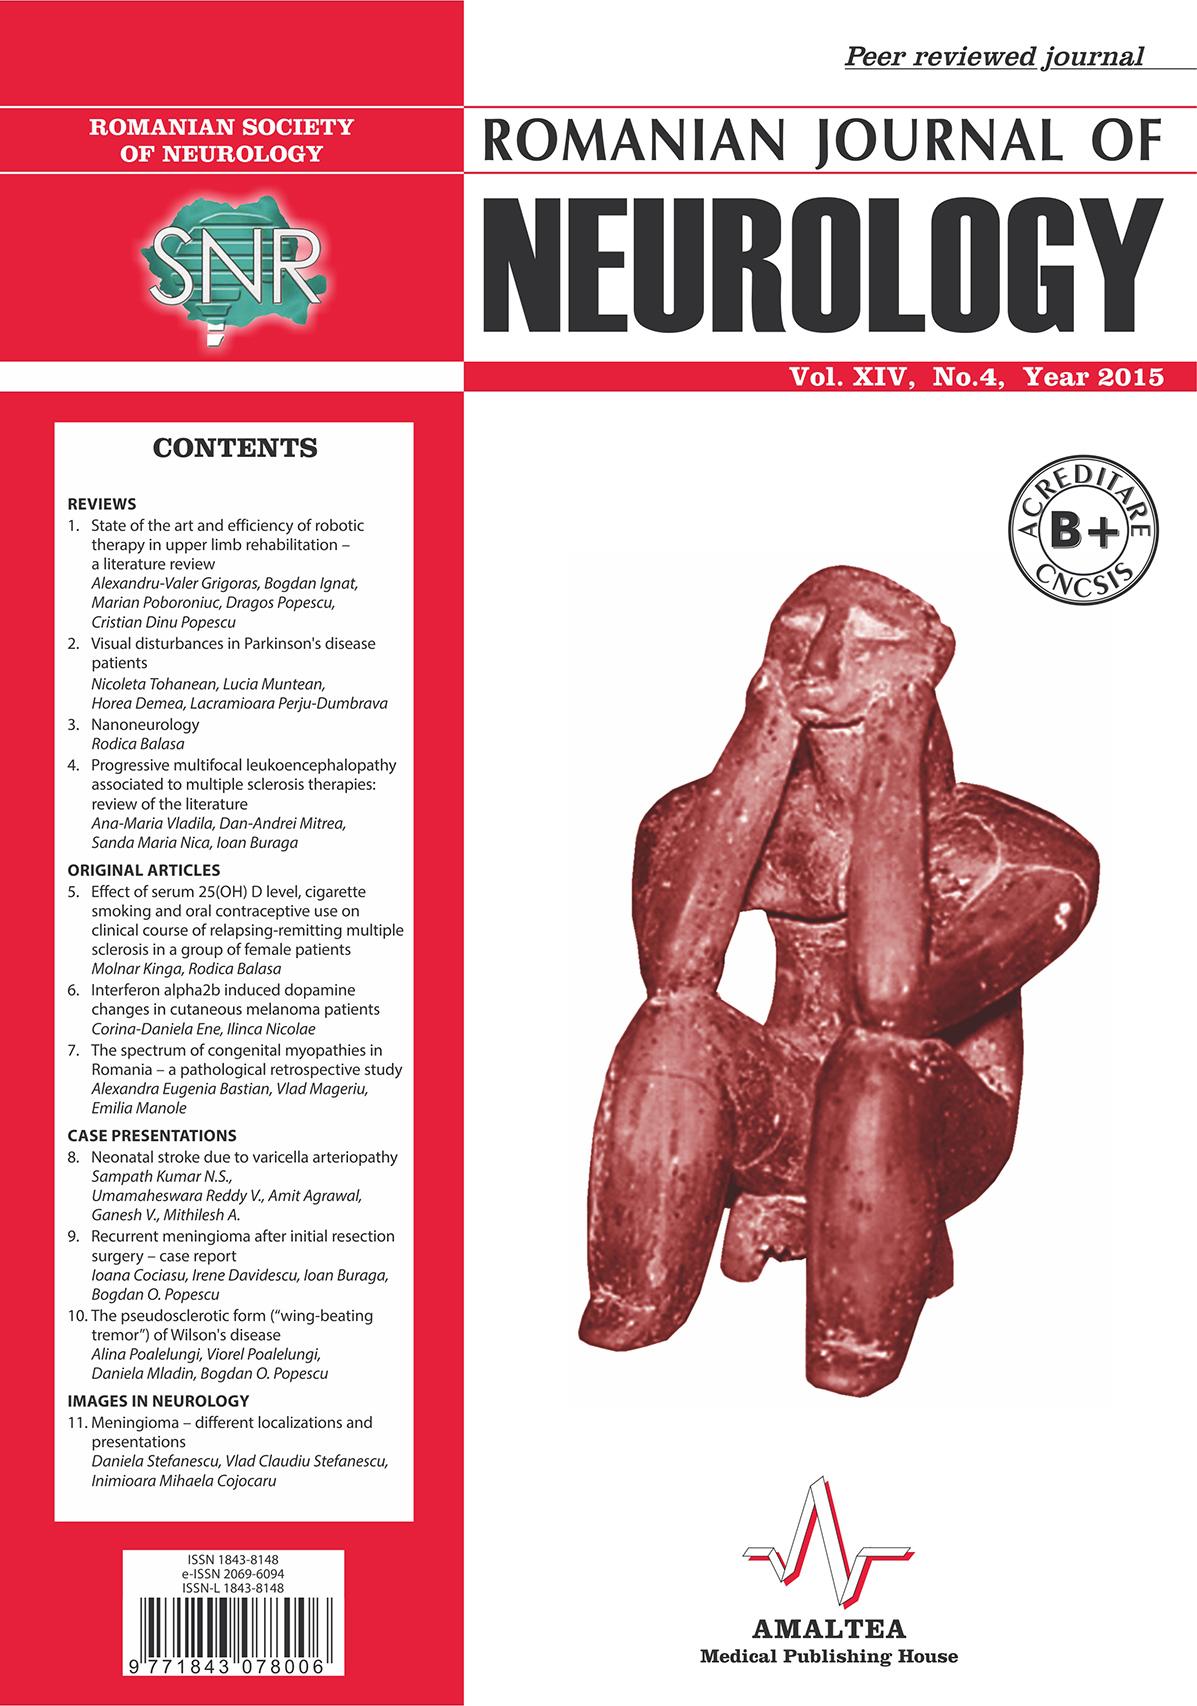 Romanian Journal of Neurology, Volume XIV, No. 4, 2015